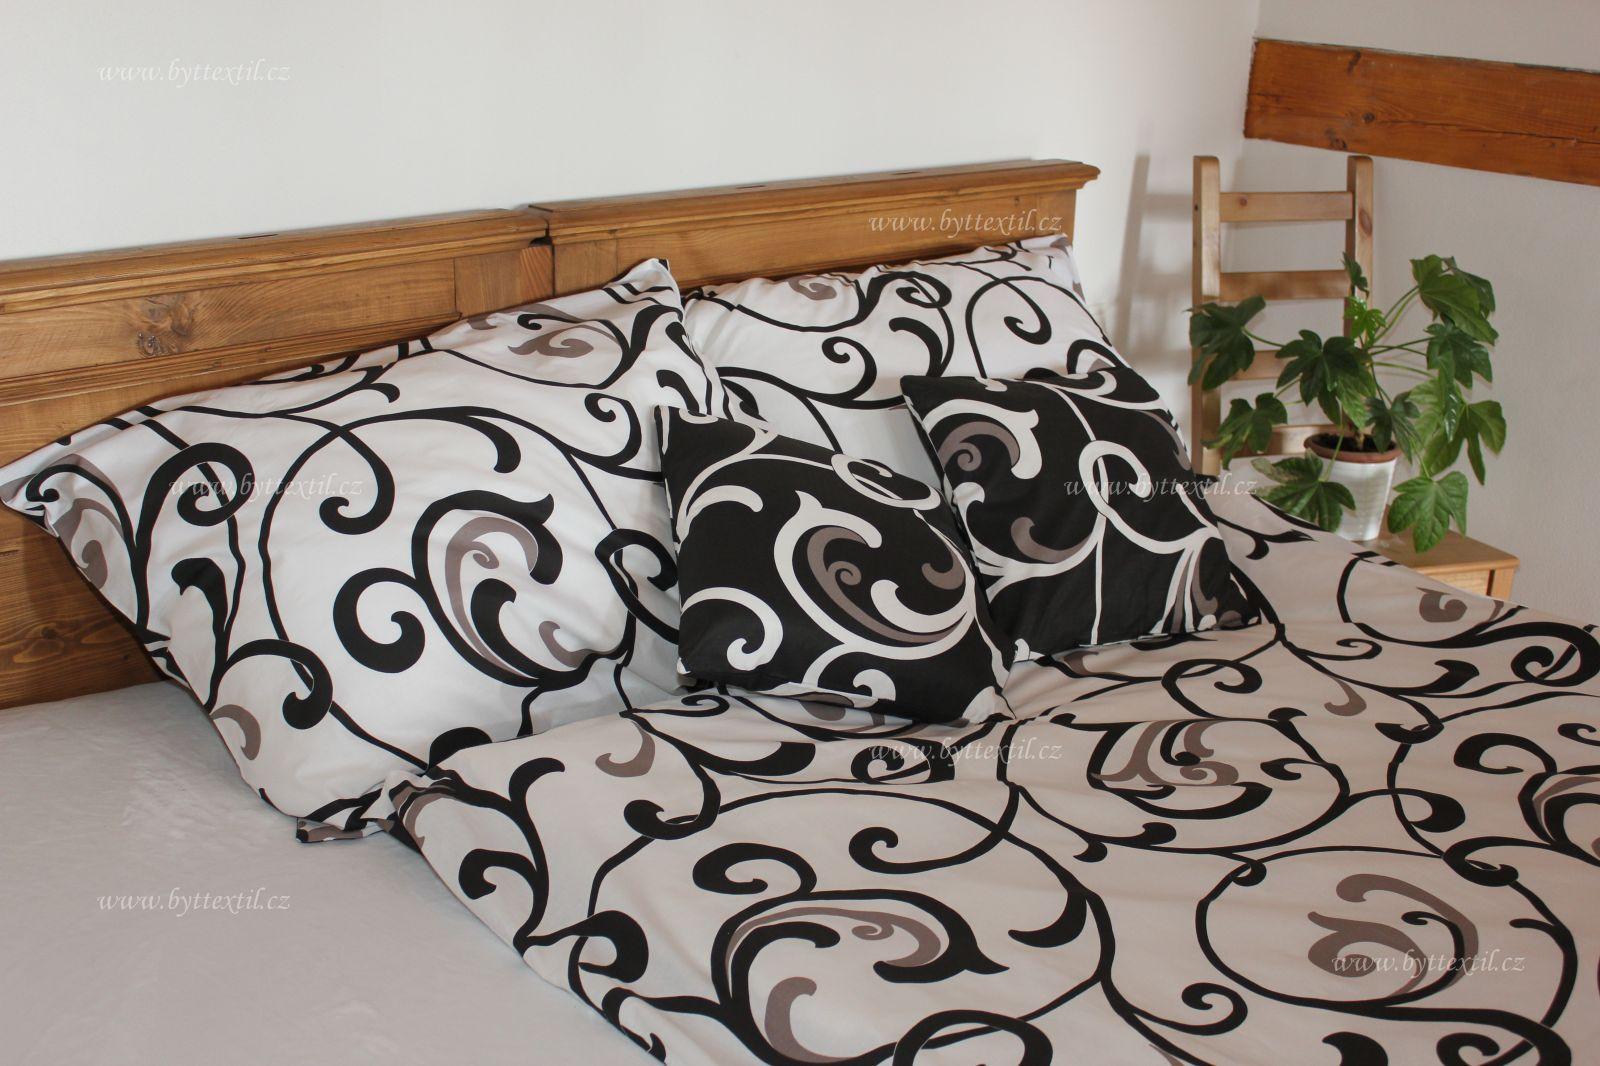 Bavlnené obliečky biele s ornamentmi Dark český výrobce